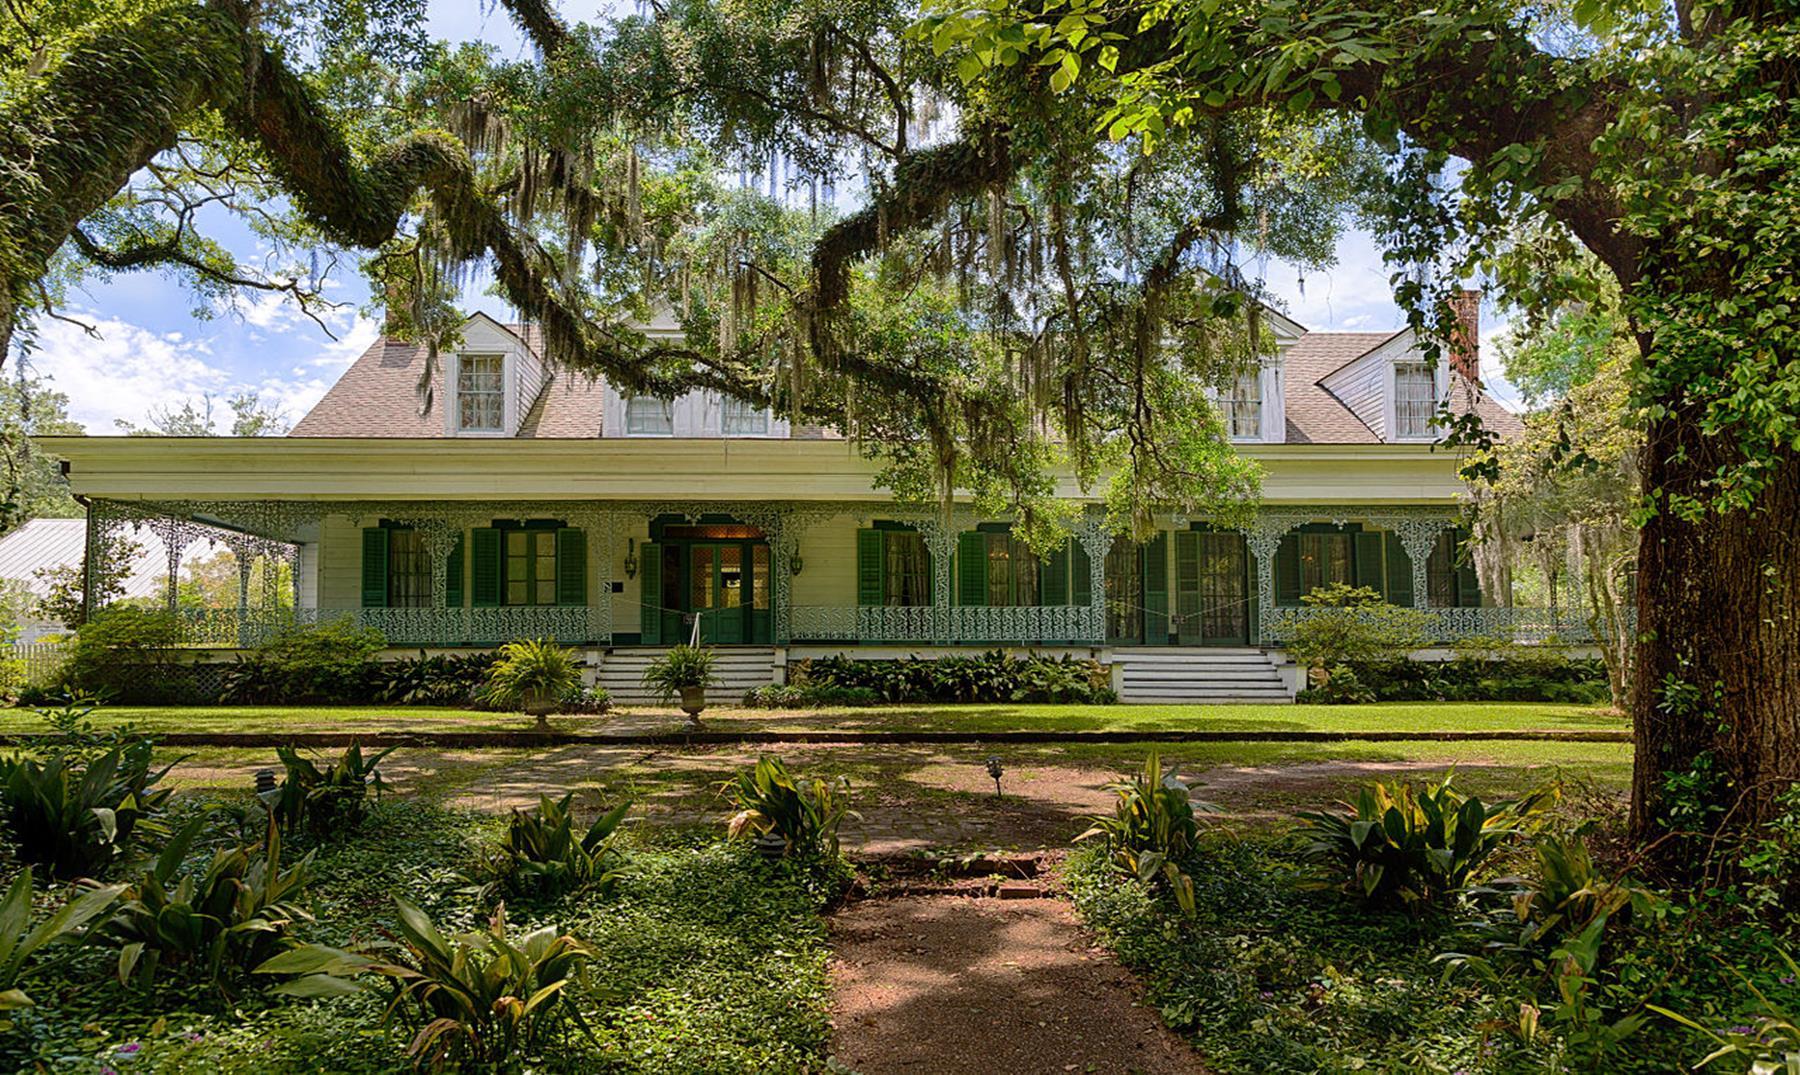 Casas embrujadas V: La hacienda Myrtles, Luisiana